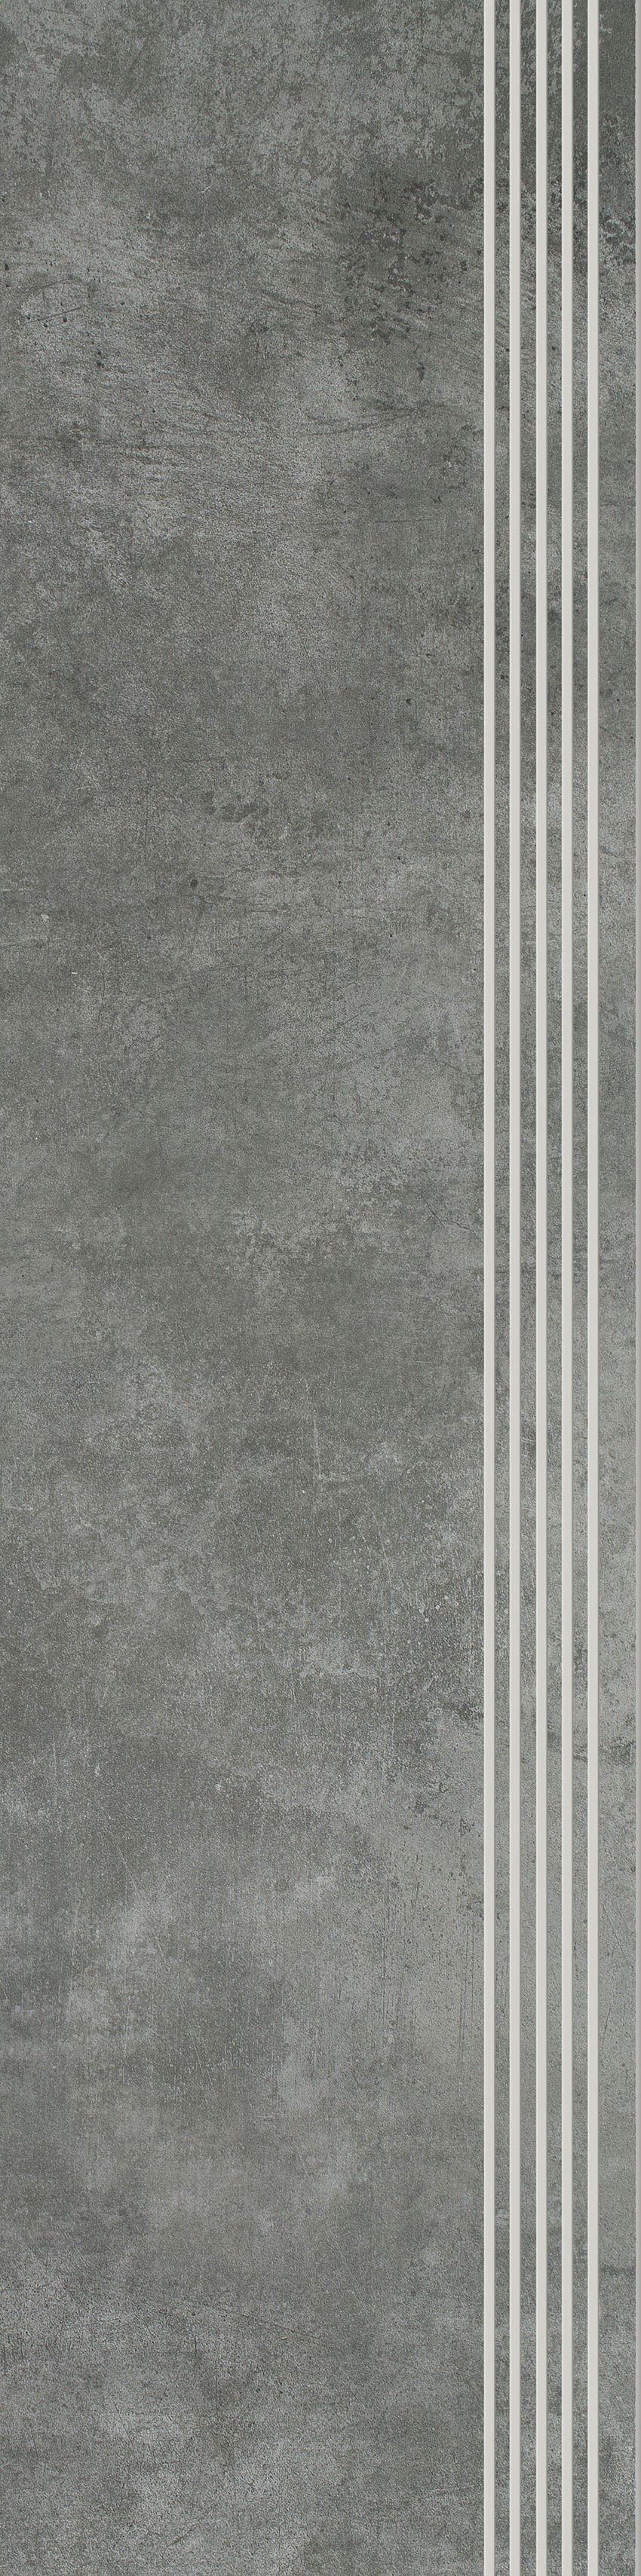 Płytka stopnicowa 29,8x119,8 cm Paradyż Scratch Nero Stopnica Prosta Nacinana Mat.